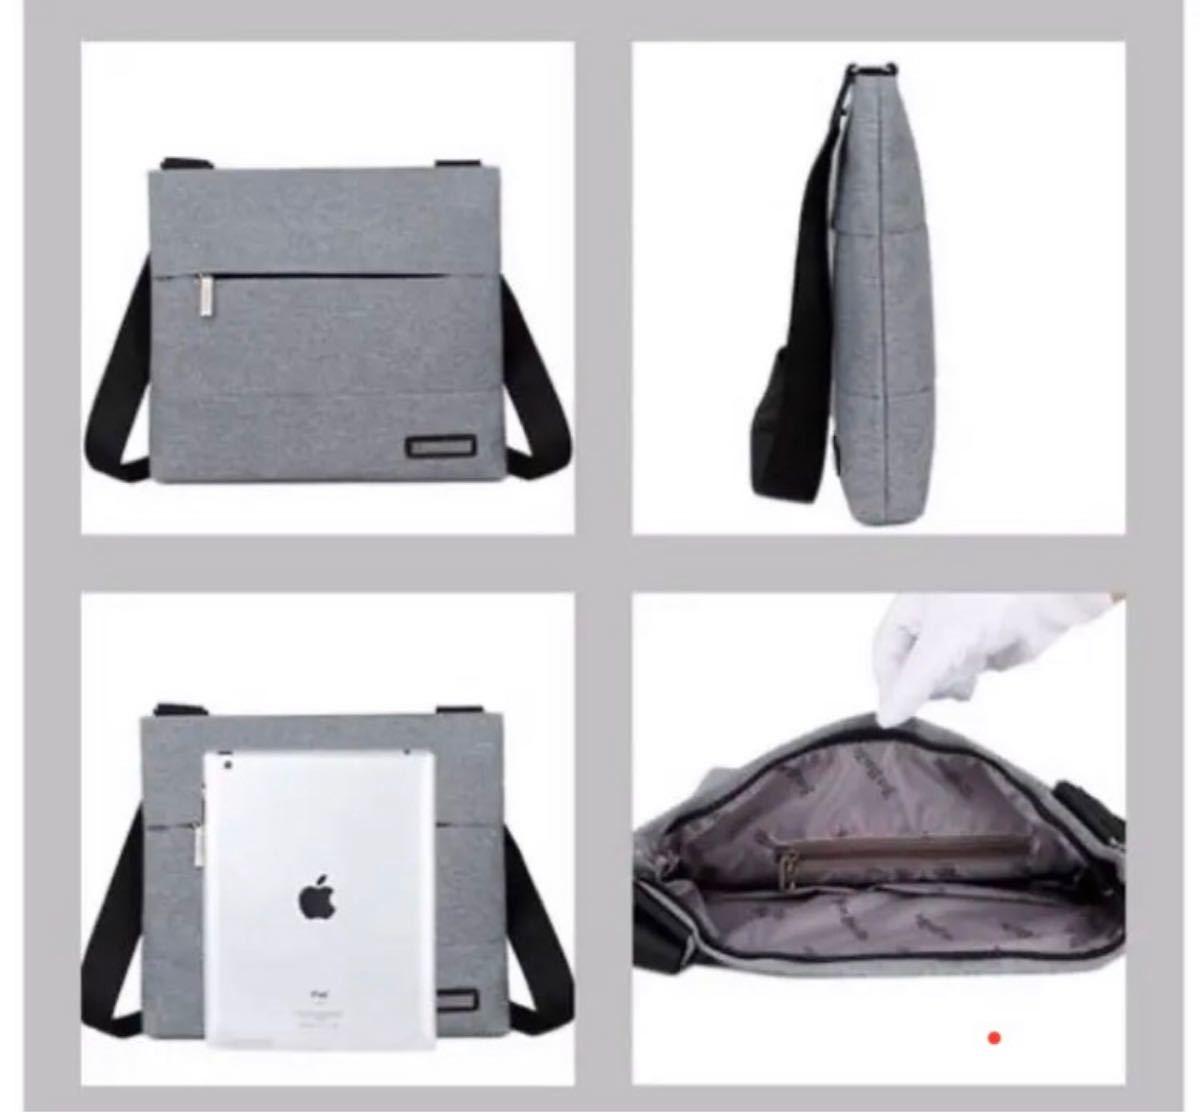 メンズバッグ ビジネスバッグ グレー ショルダーバッグ ボディーバッグ スーツ 鞄 メッセンジャーバッグ 斜め掛け